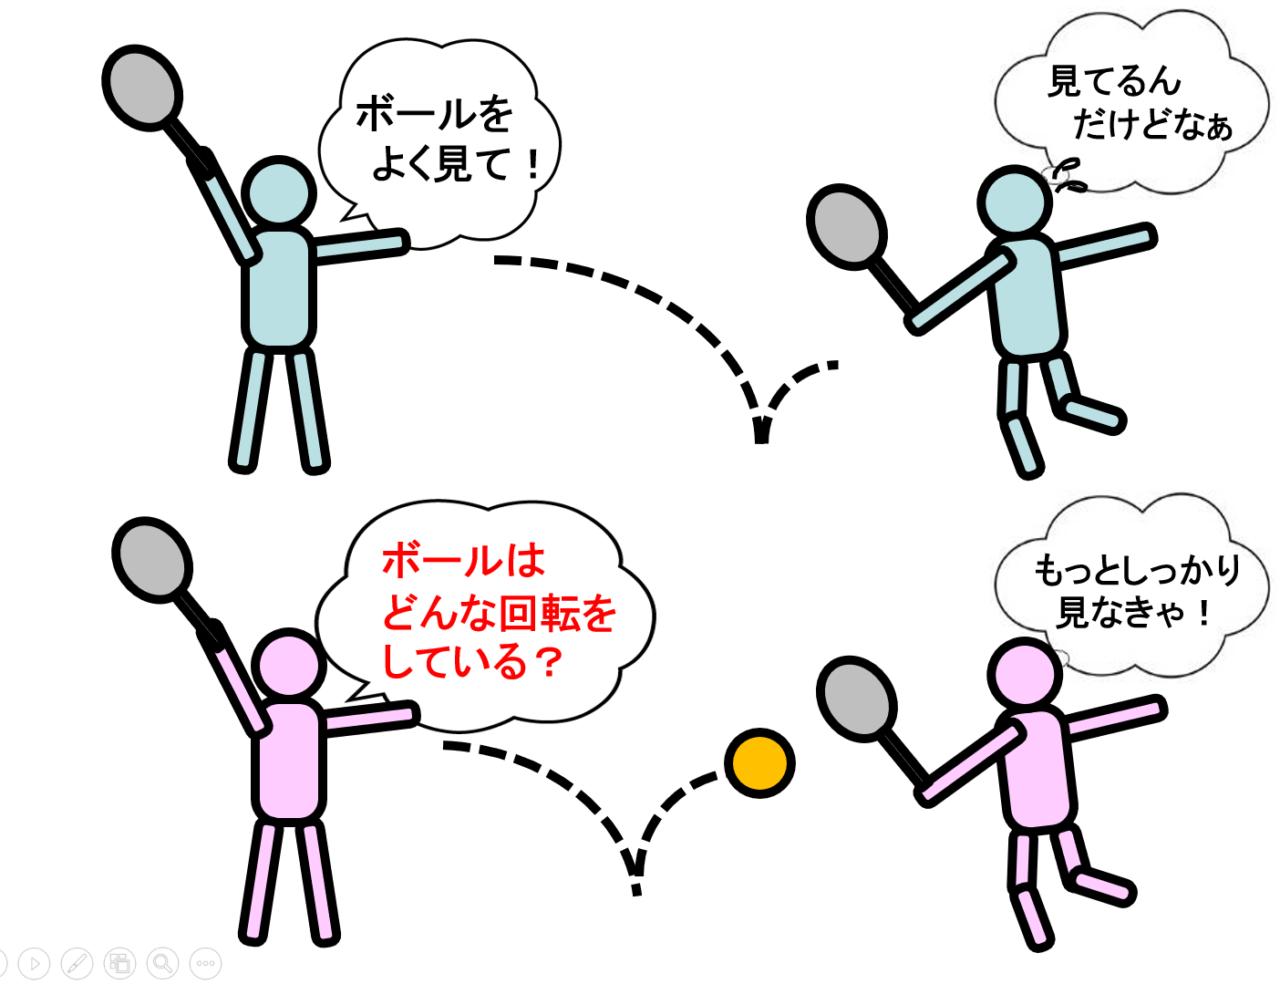 コーチング研修 人気カリキュラムのご紹介(基礎編 / 終日研修)の画像